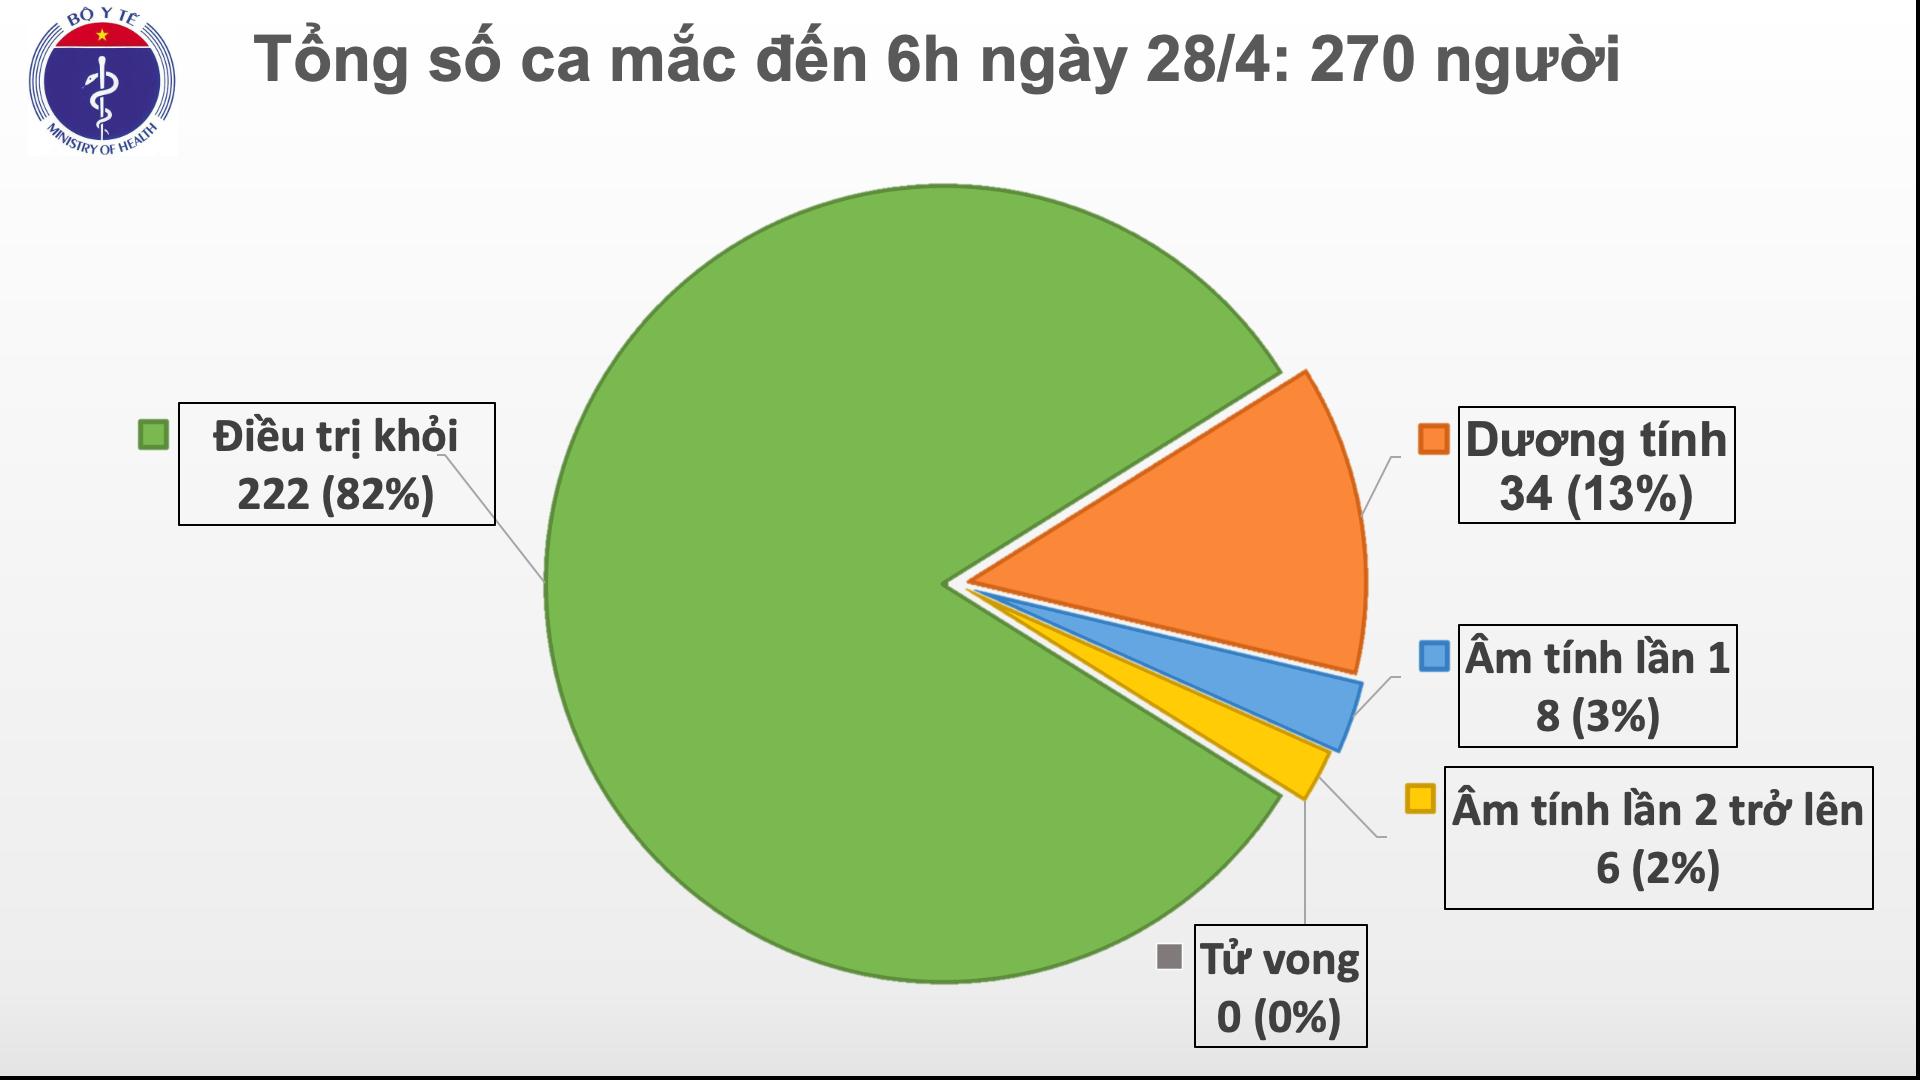 Sáng 28/4, đã 12 ngày Việt Nam không ghi nhận ca mắc mới COVID-19 trong cộng đồng 1